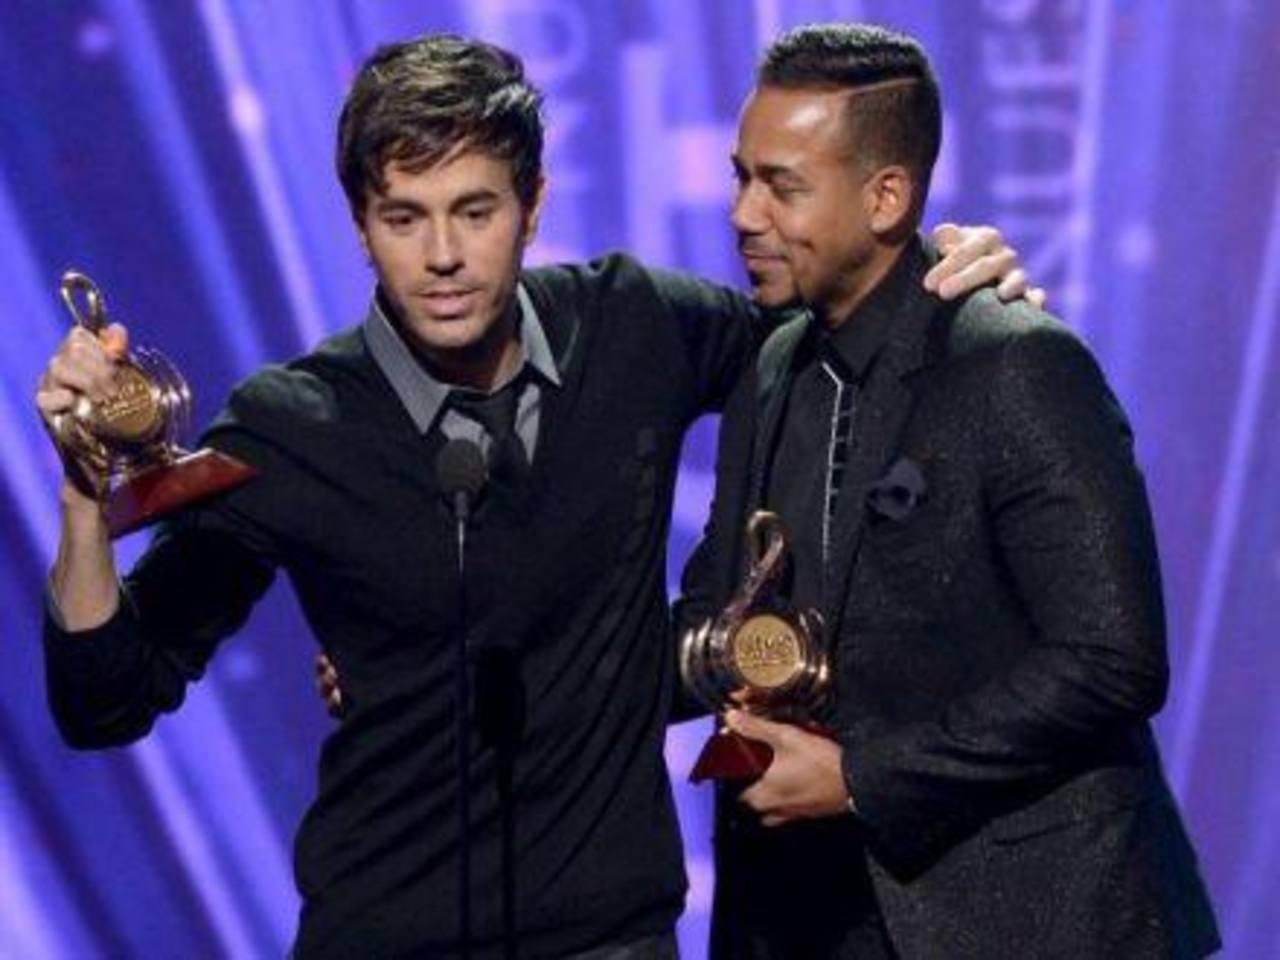 Enrique Iglesias y Romeo Santos se llevaron la noche en Premio Lo Nuestro